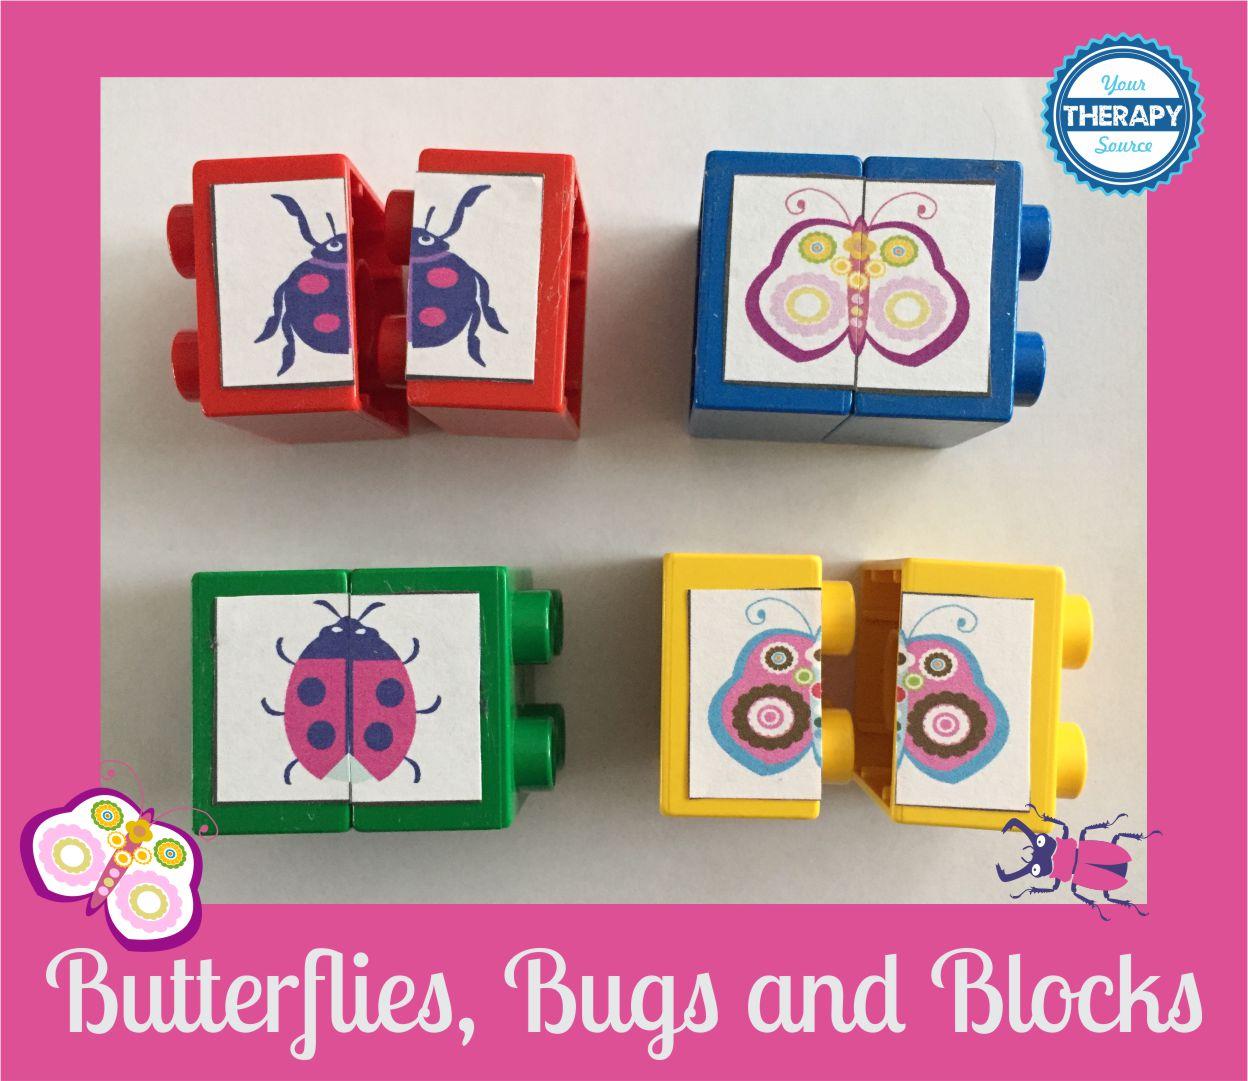 Butterflies, Bugs and Blocks